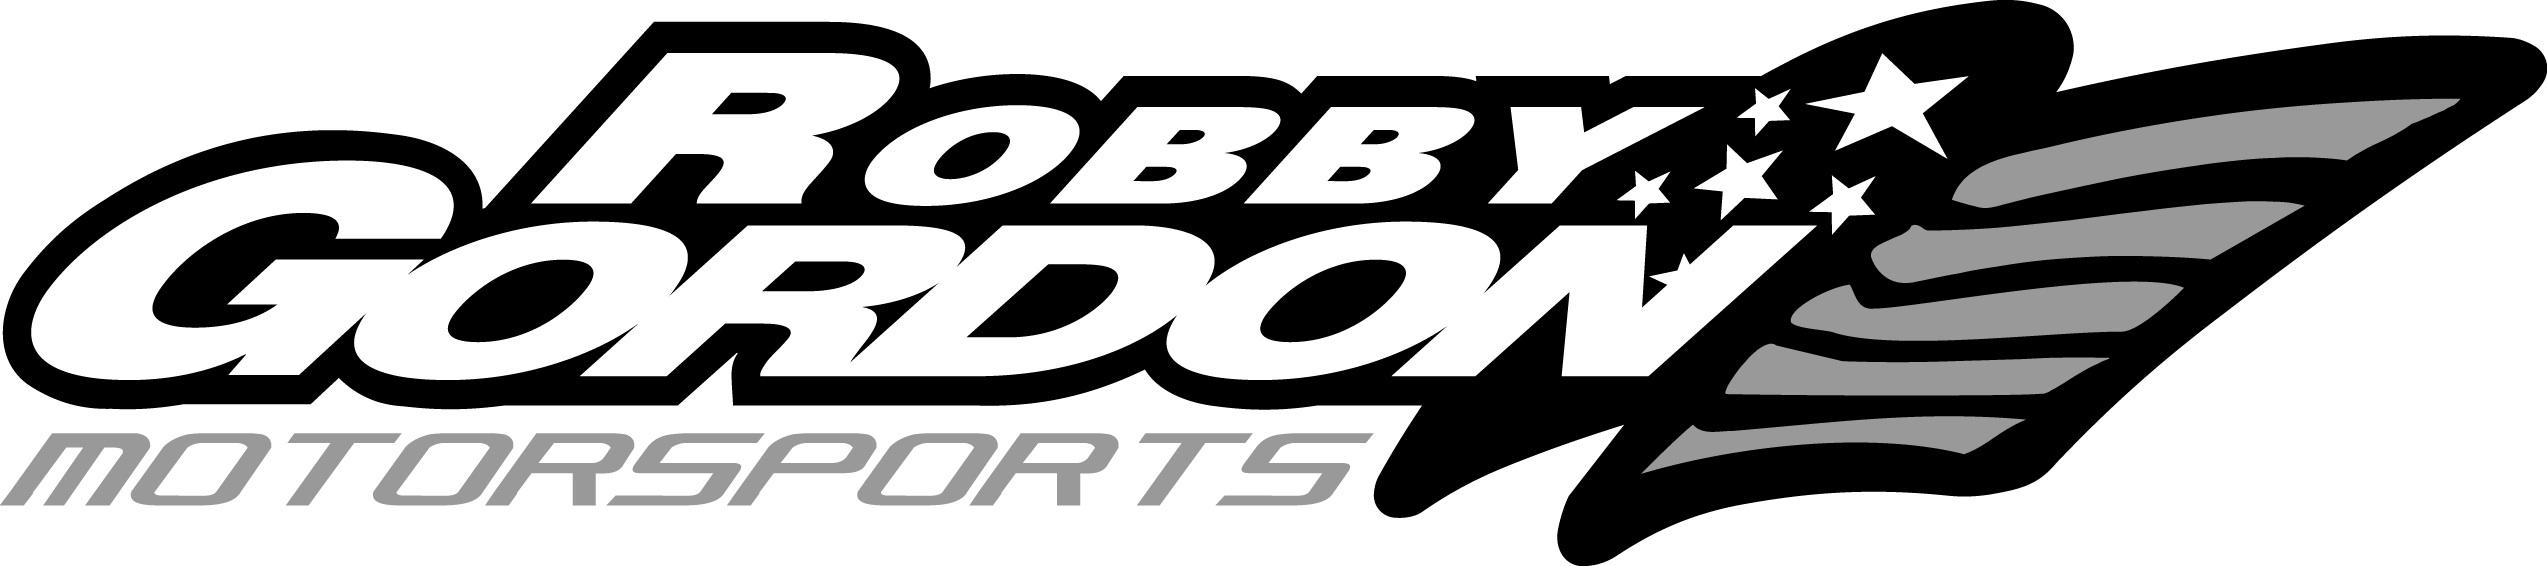 Robby Gordon Motorsports logo